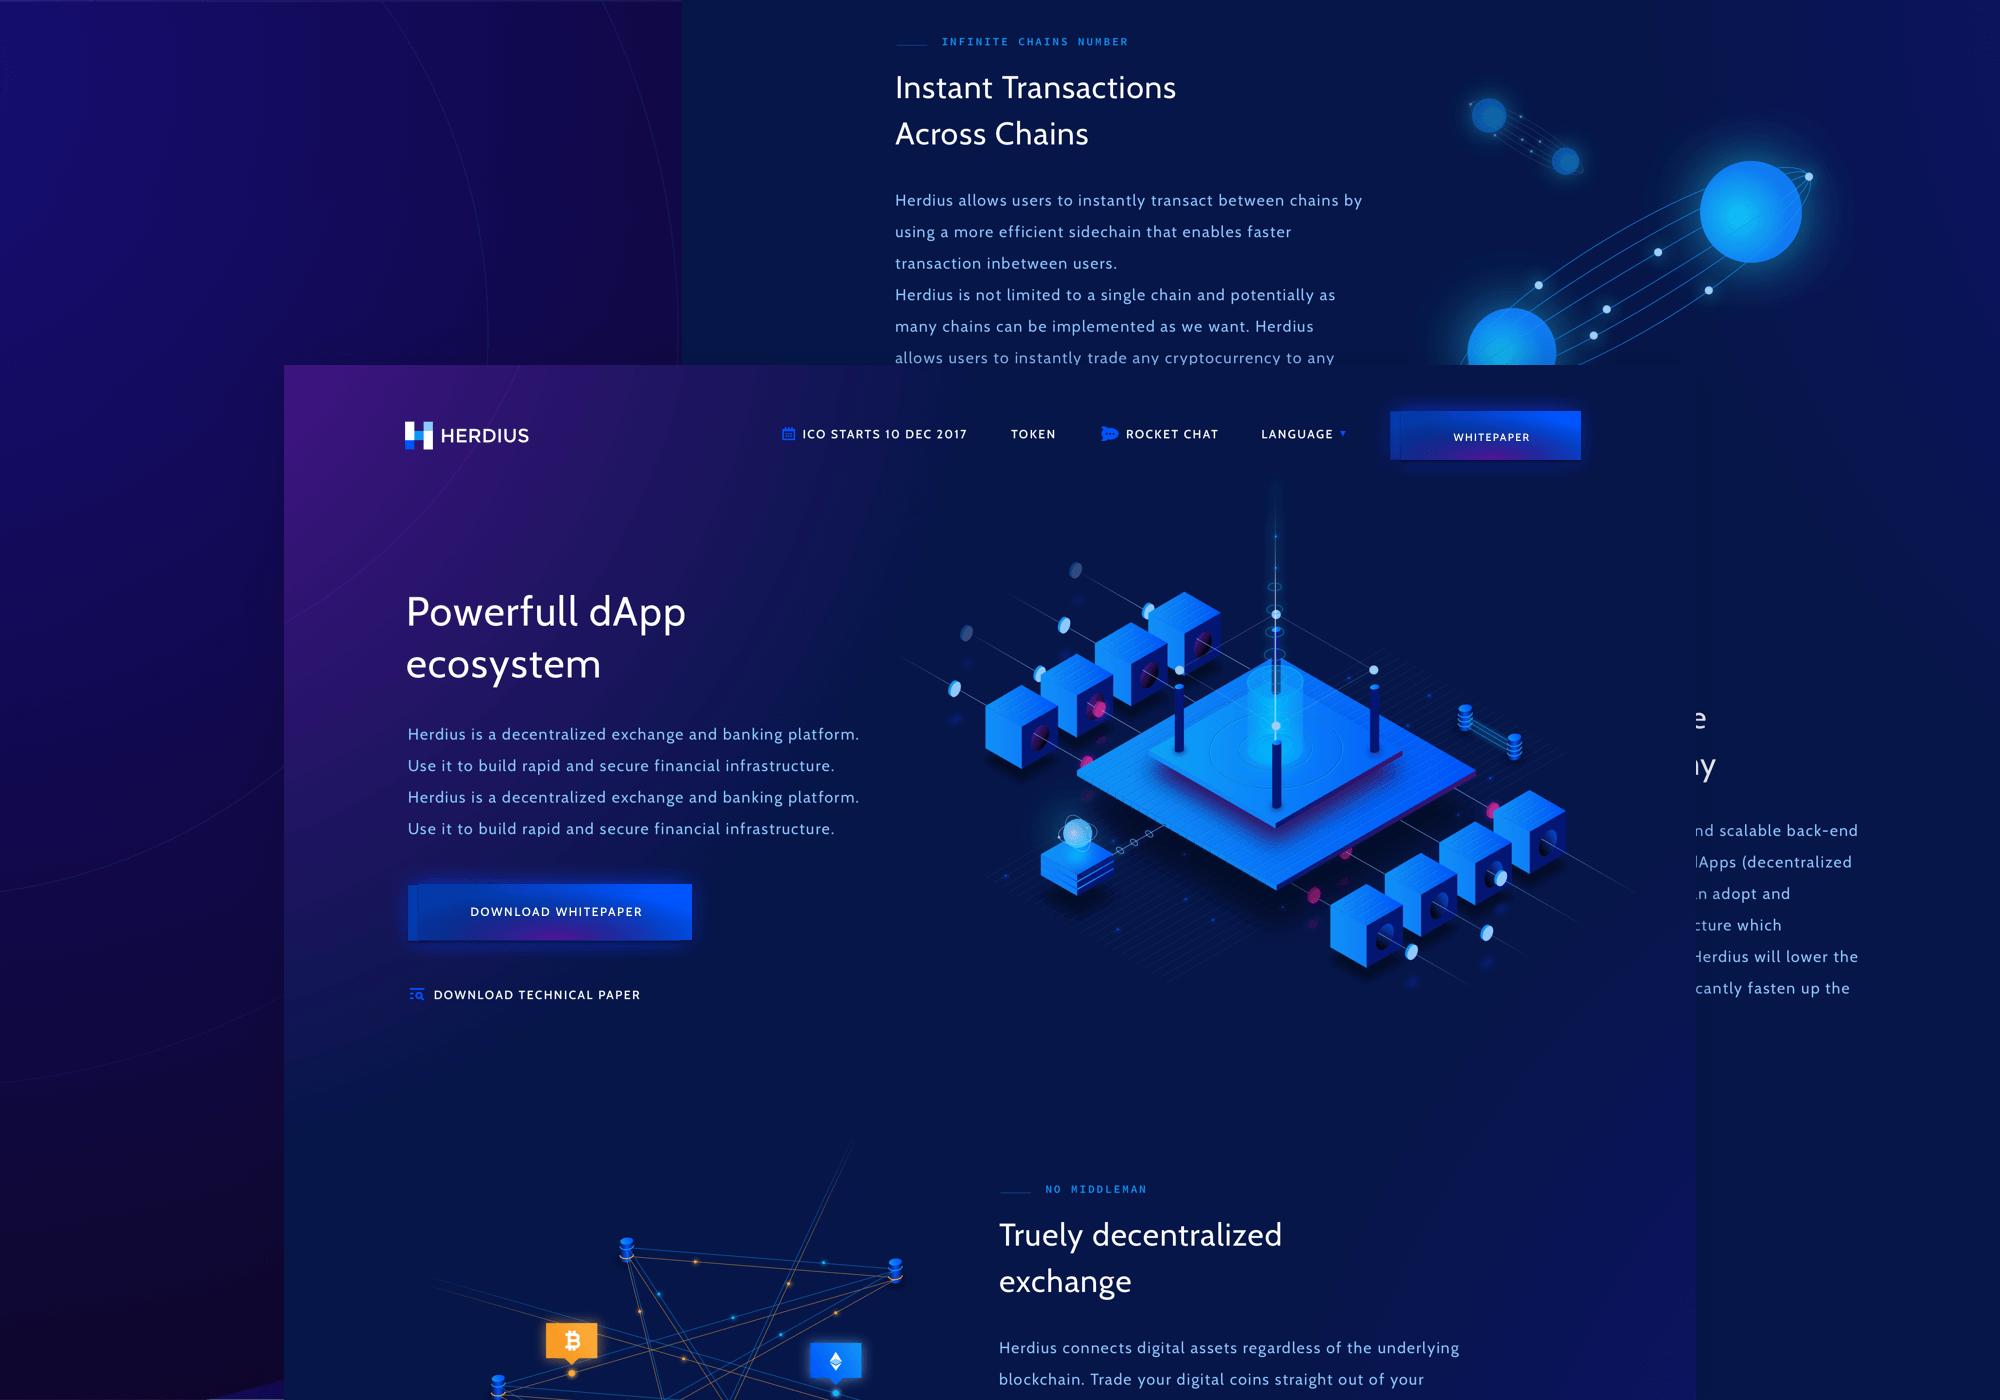 Herdius app design